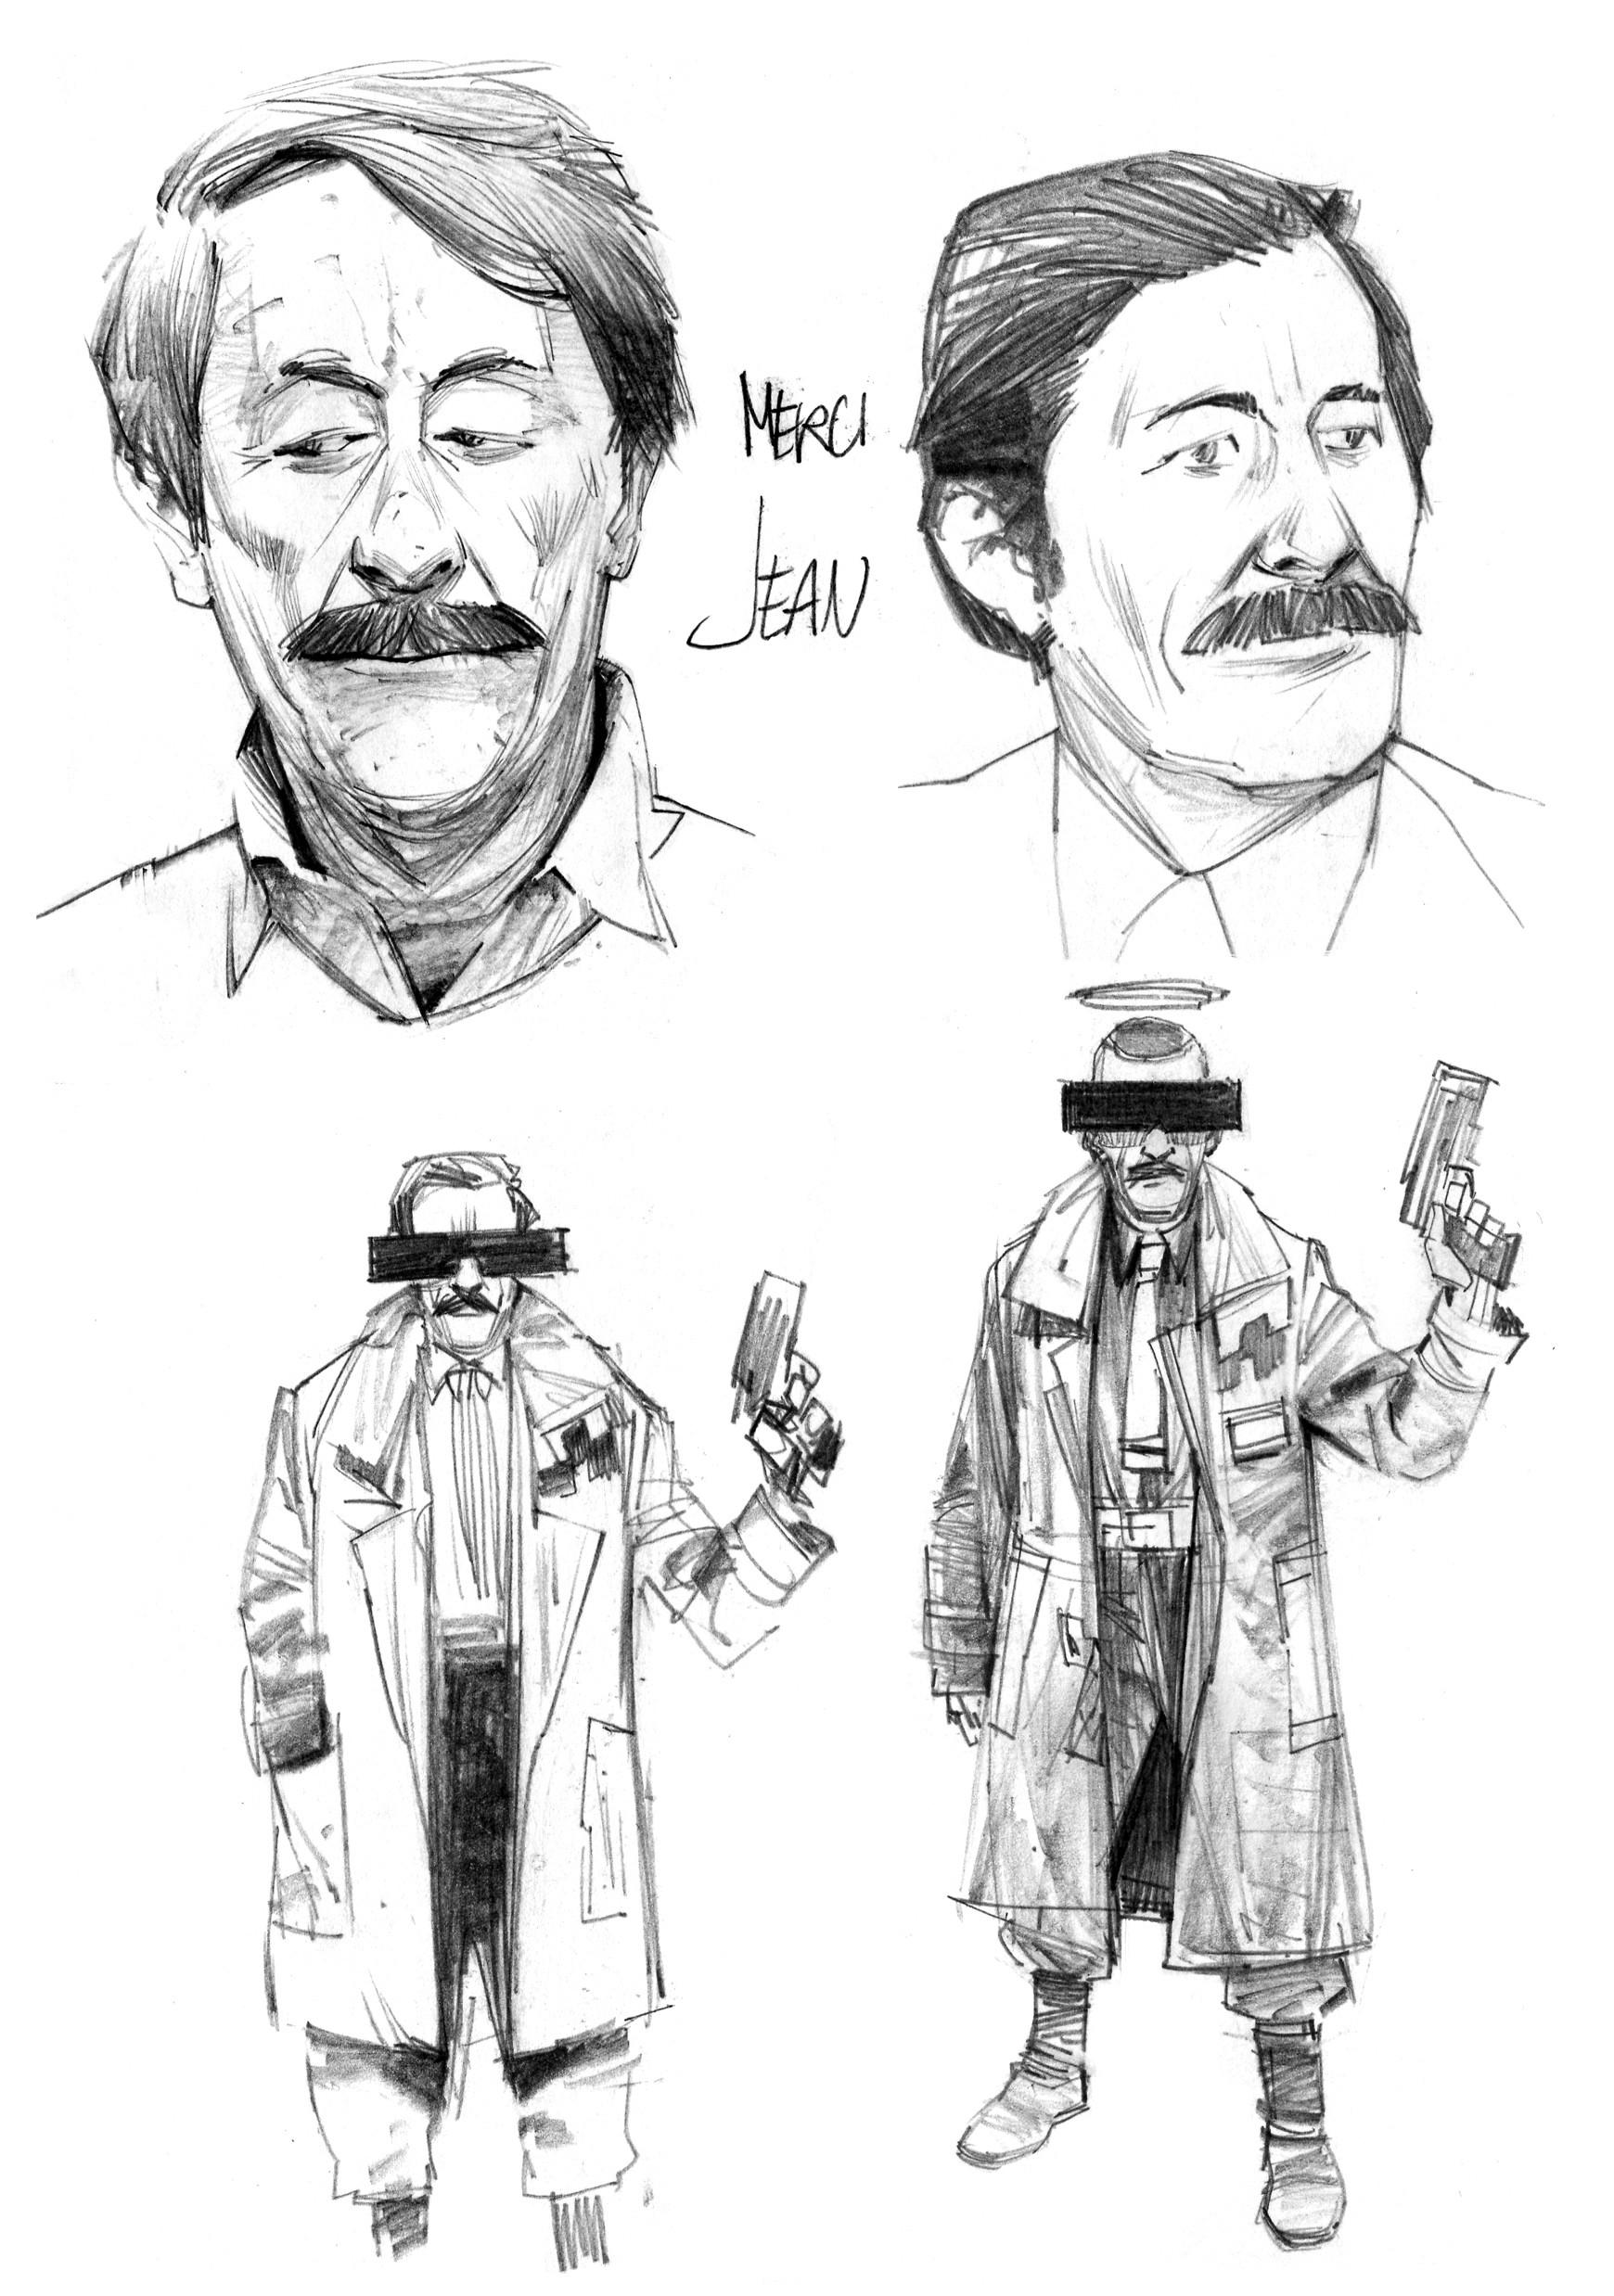 Renaud roche sketchbook10